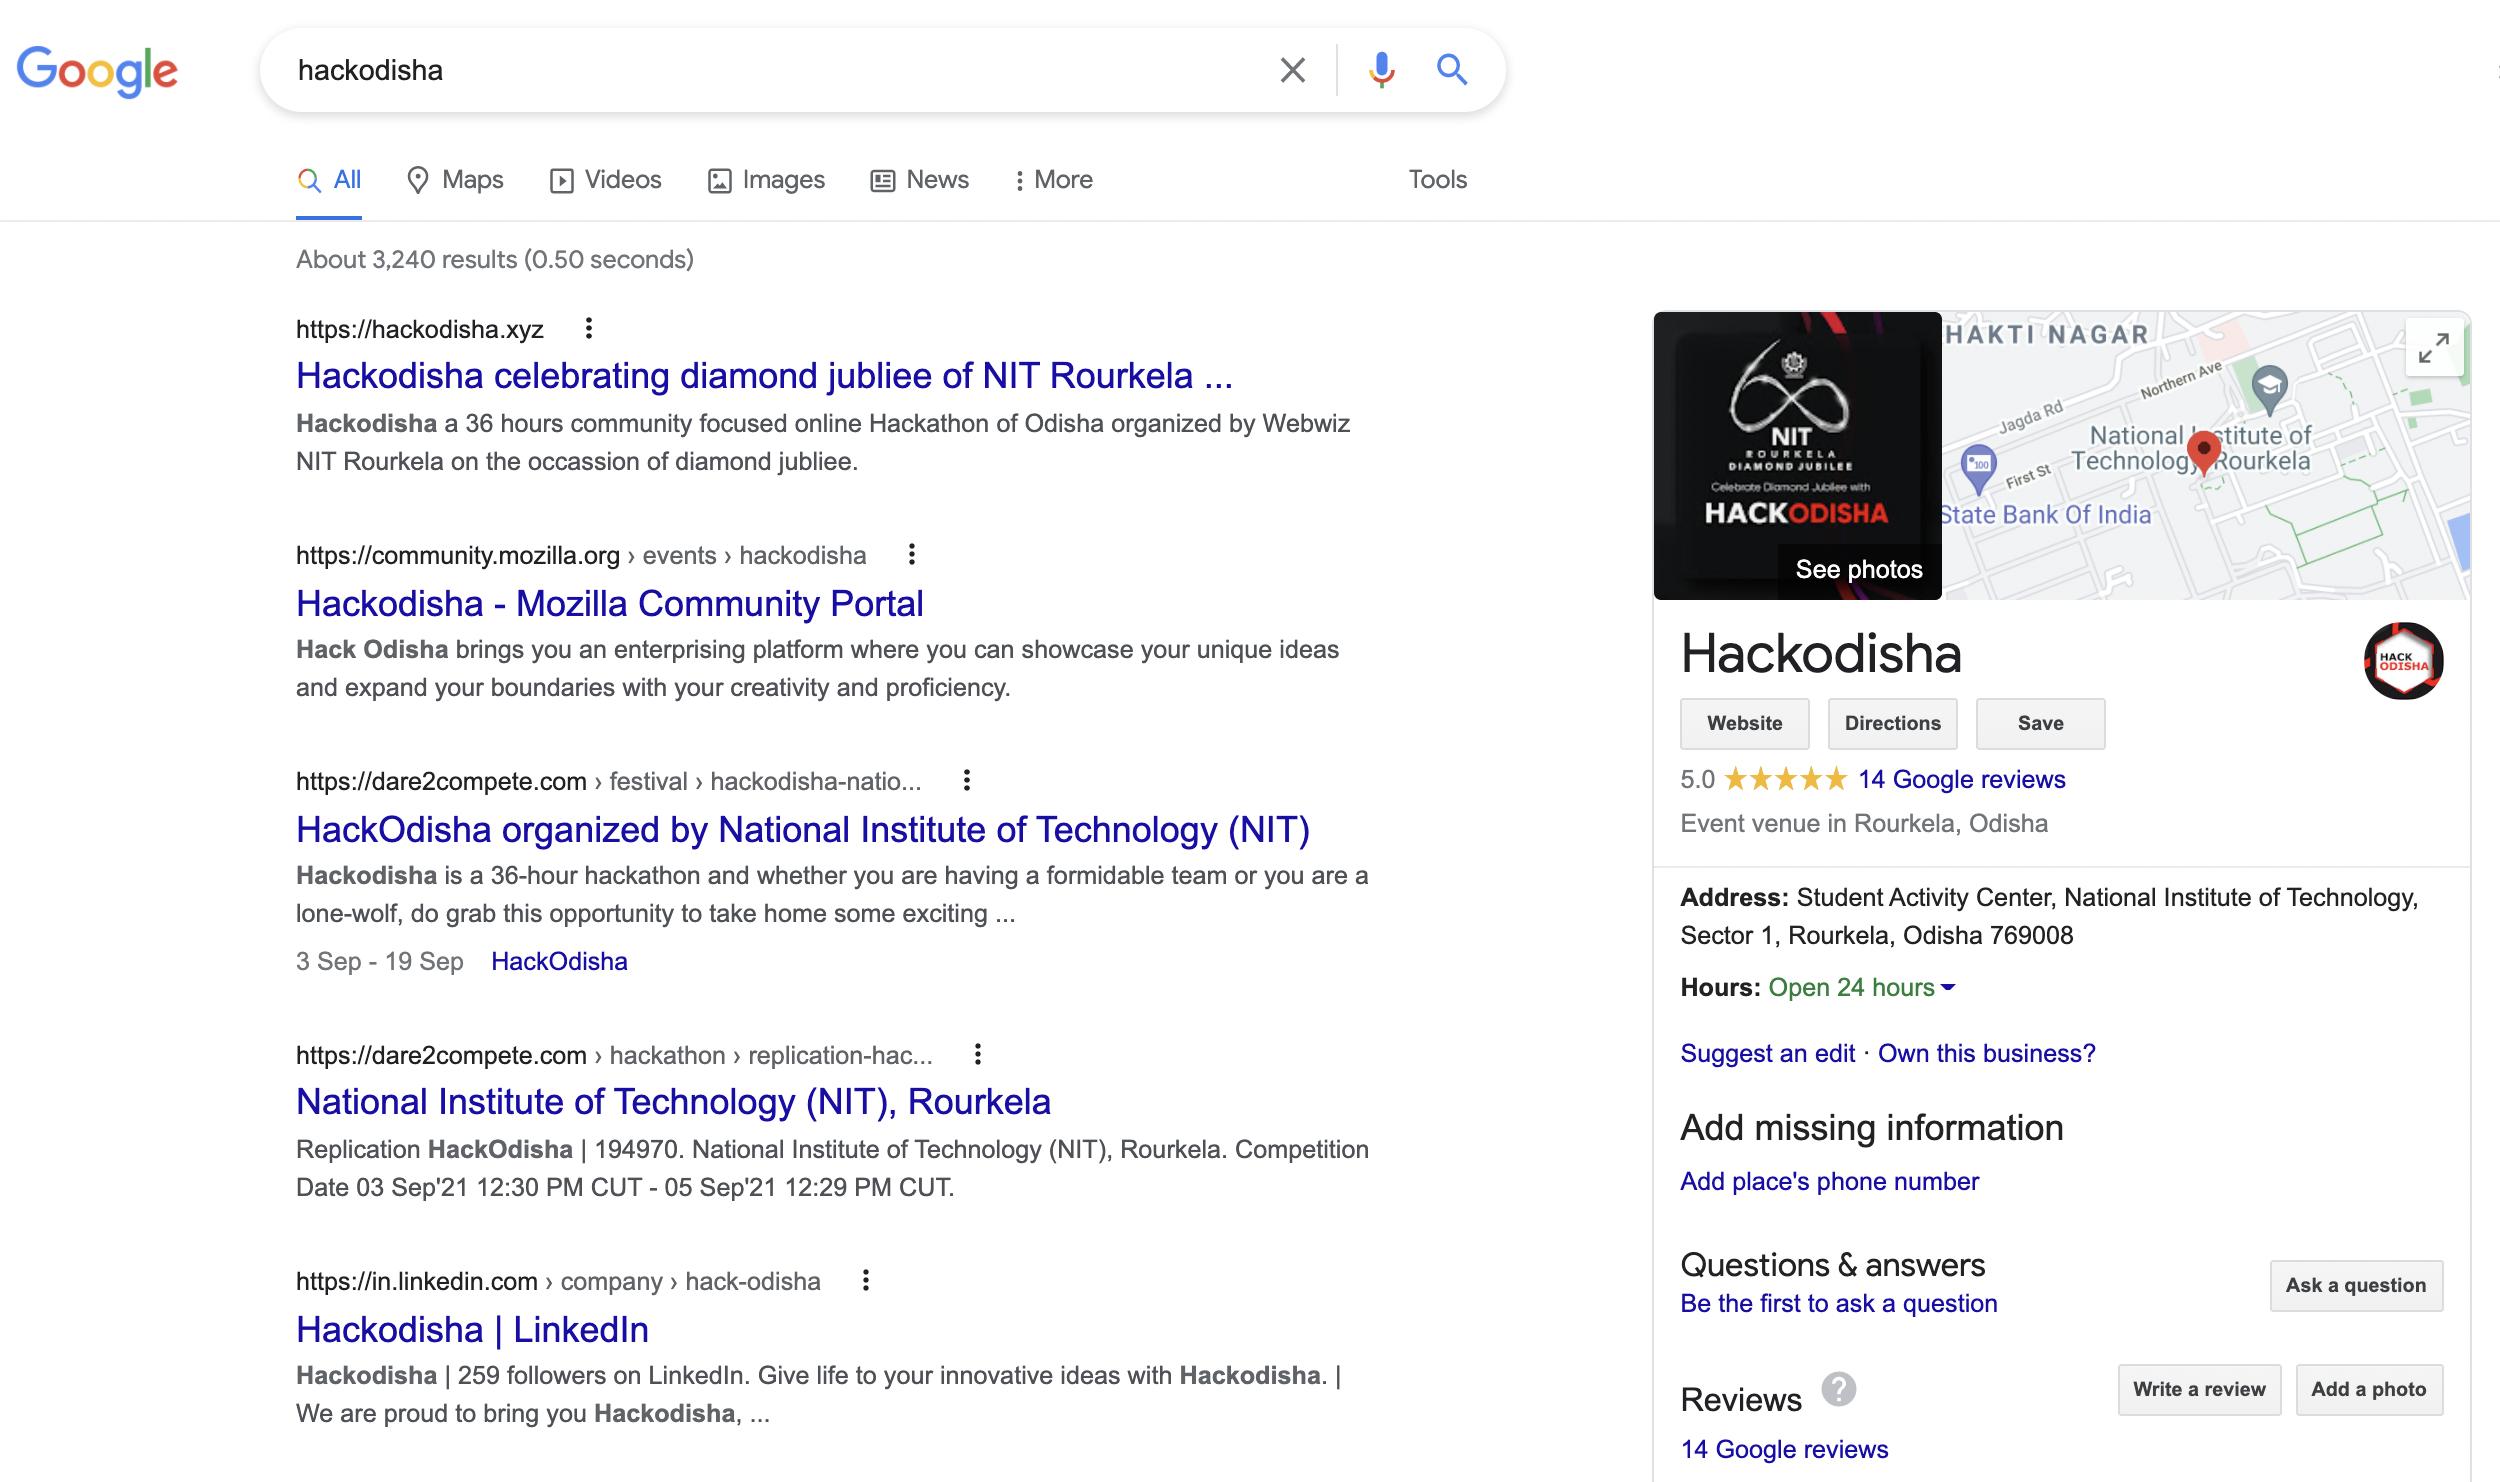 Hackodisha hackathon